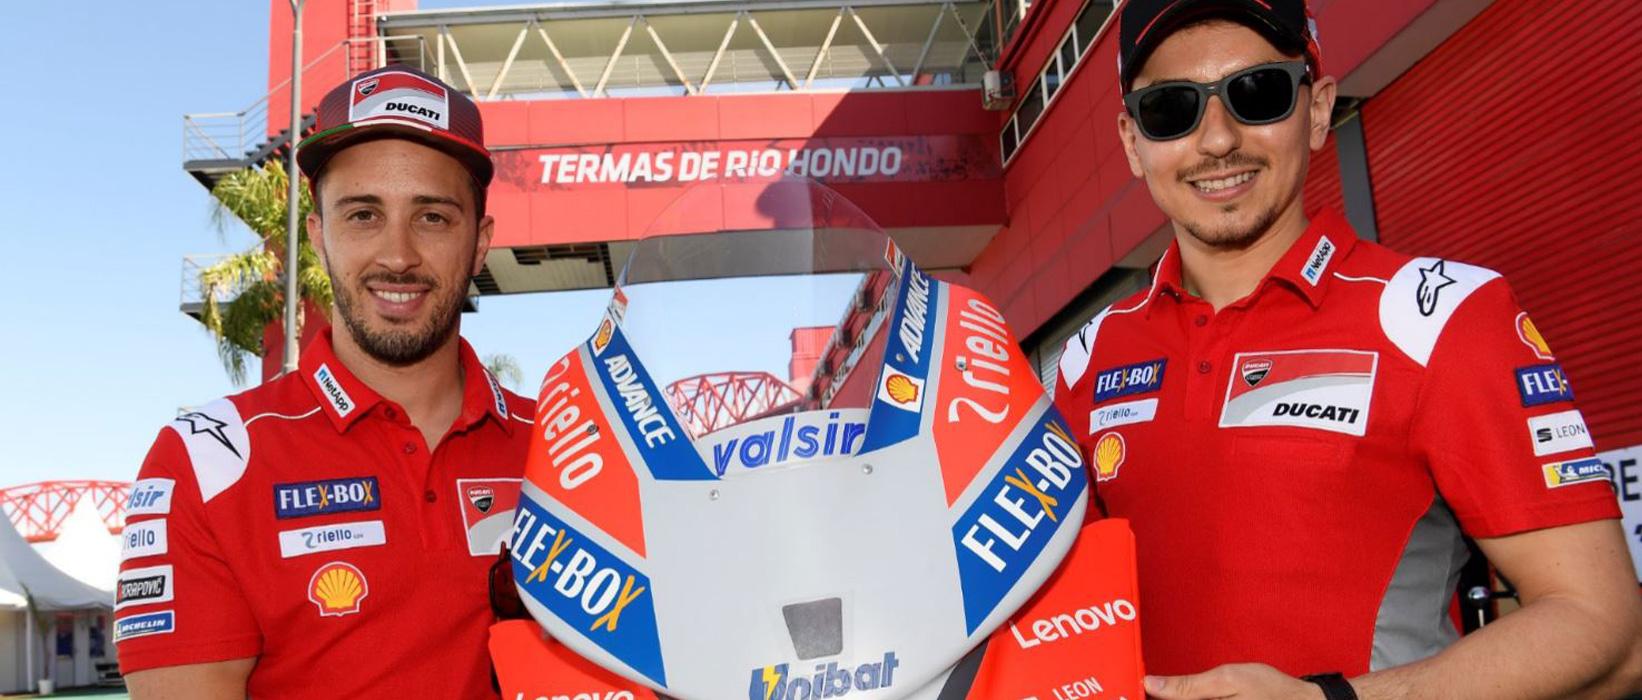 Technológiai együttműködést kötött a Lenovo és a Ducati MotoGP